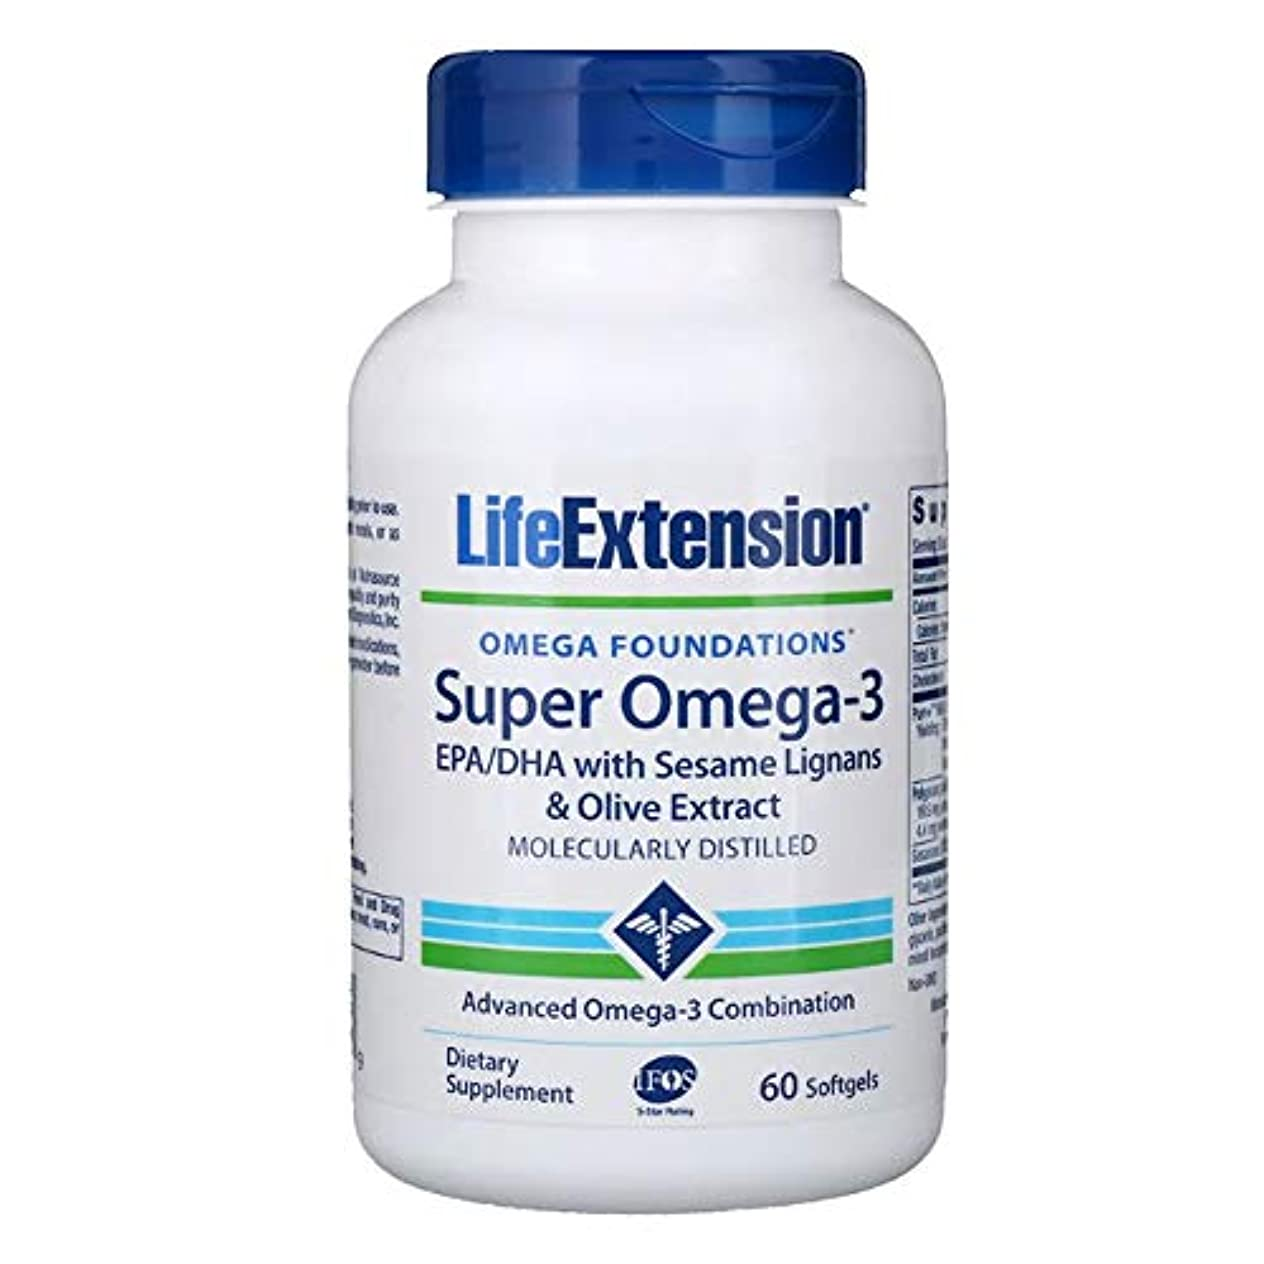 最愛の勇気のある独立してLife Extension オメガファンデーション オメガの基盤 スーパーオメガ 3 ソフトジェル 60粒 【アメリカ直送】